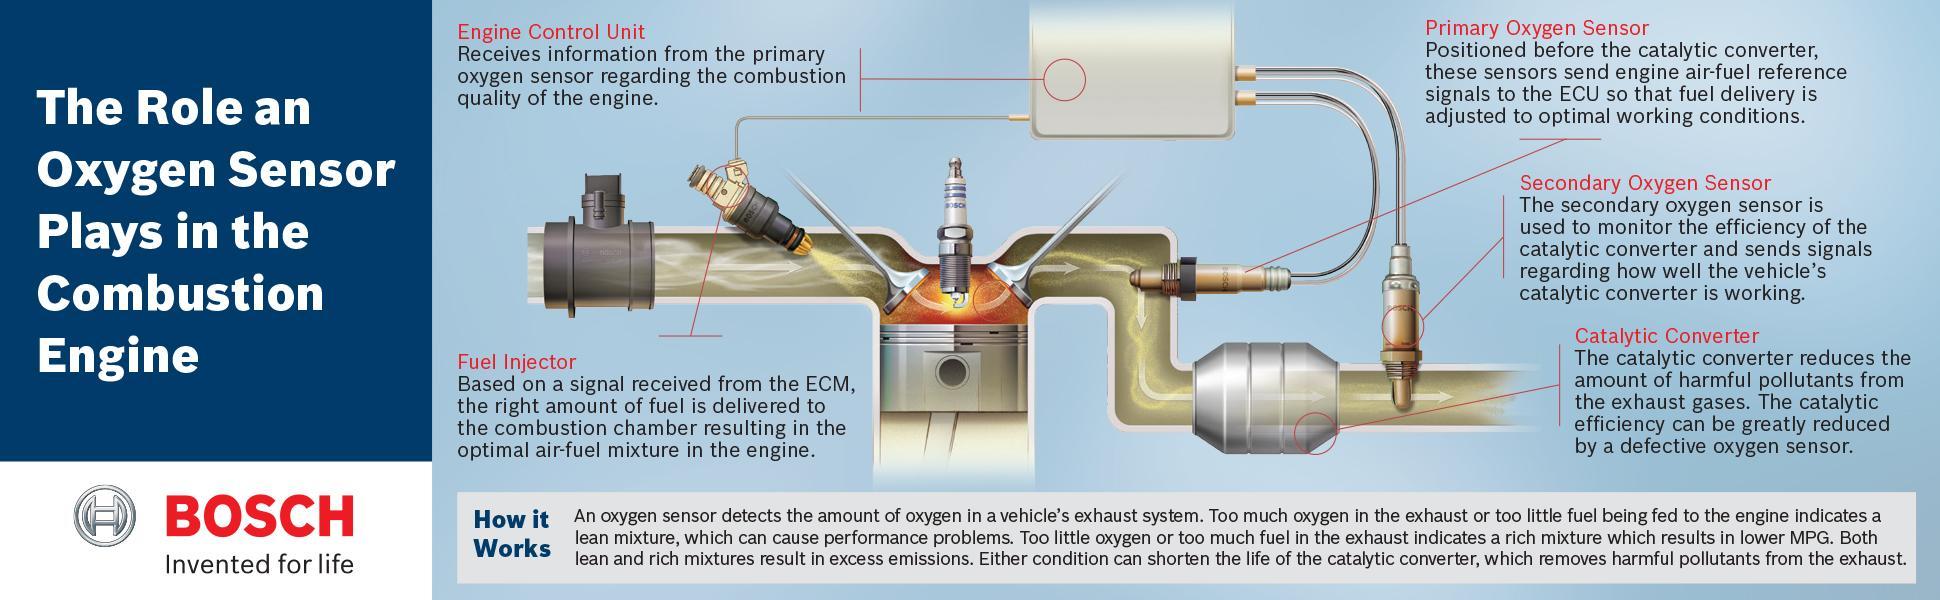 26 hp kohler engine diagram 26 hp briggs diagram wiring